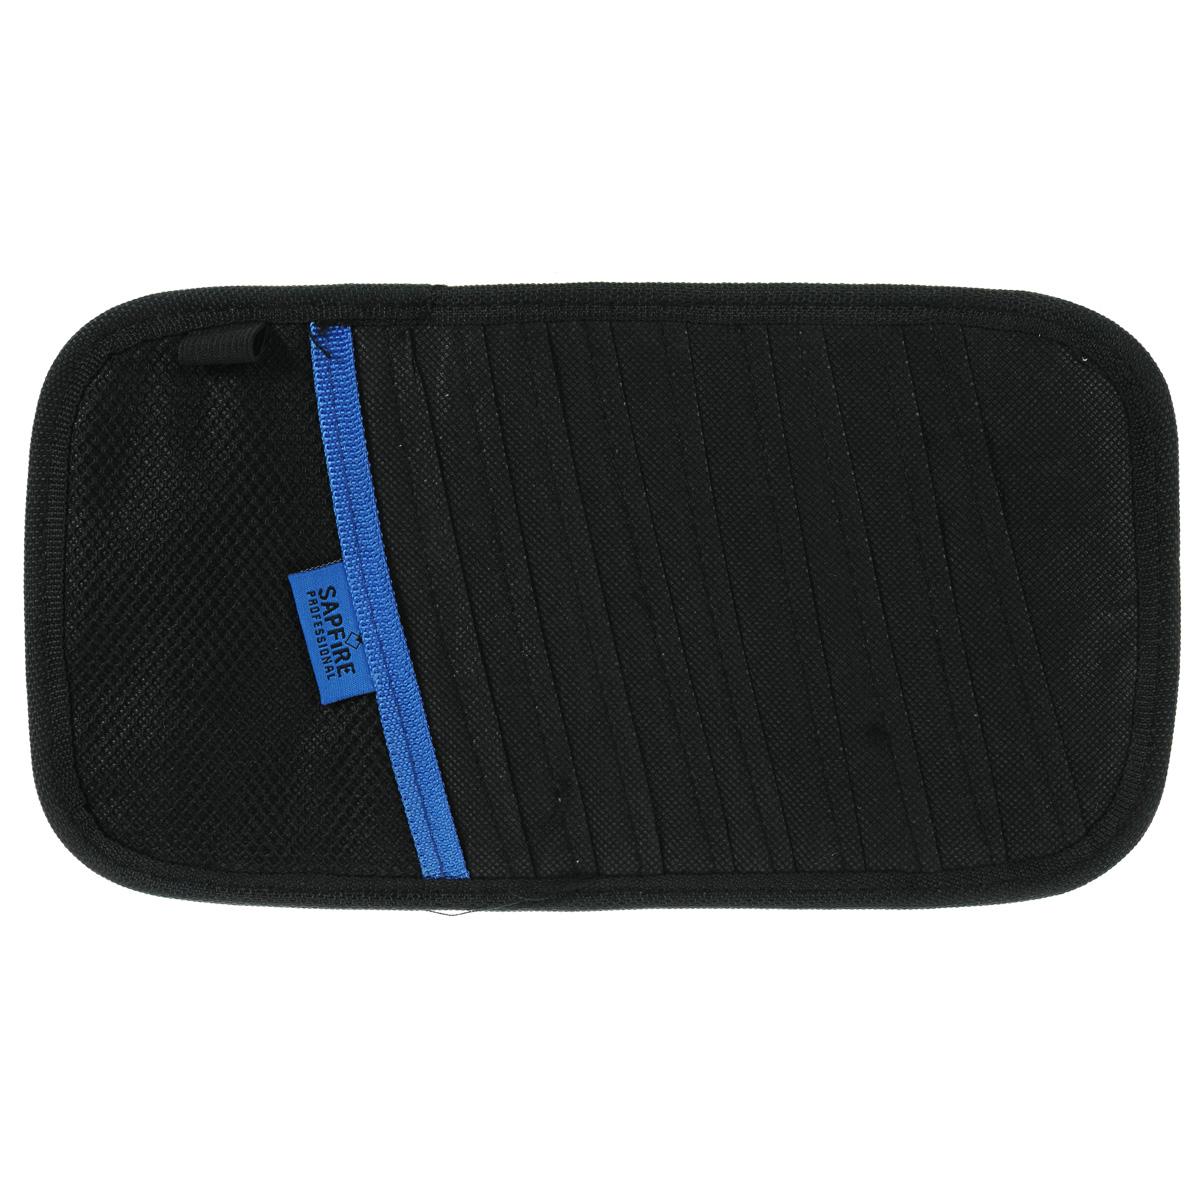 Карман для дисков на козырек Sapfire, 10 дисковZ-0307Карман Sapfire вмещает 10 дисков. Удобное и функциональное хранение. Мягкий материал не повреждает диски. Дополнительный карман позволяет хранить перед глазами разнообразные мелочи. Состав: нетканый материал, полиэстер.